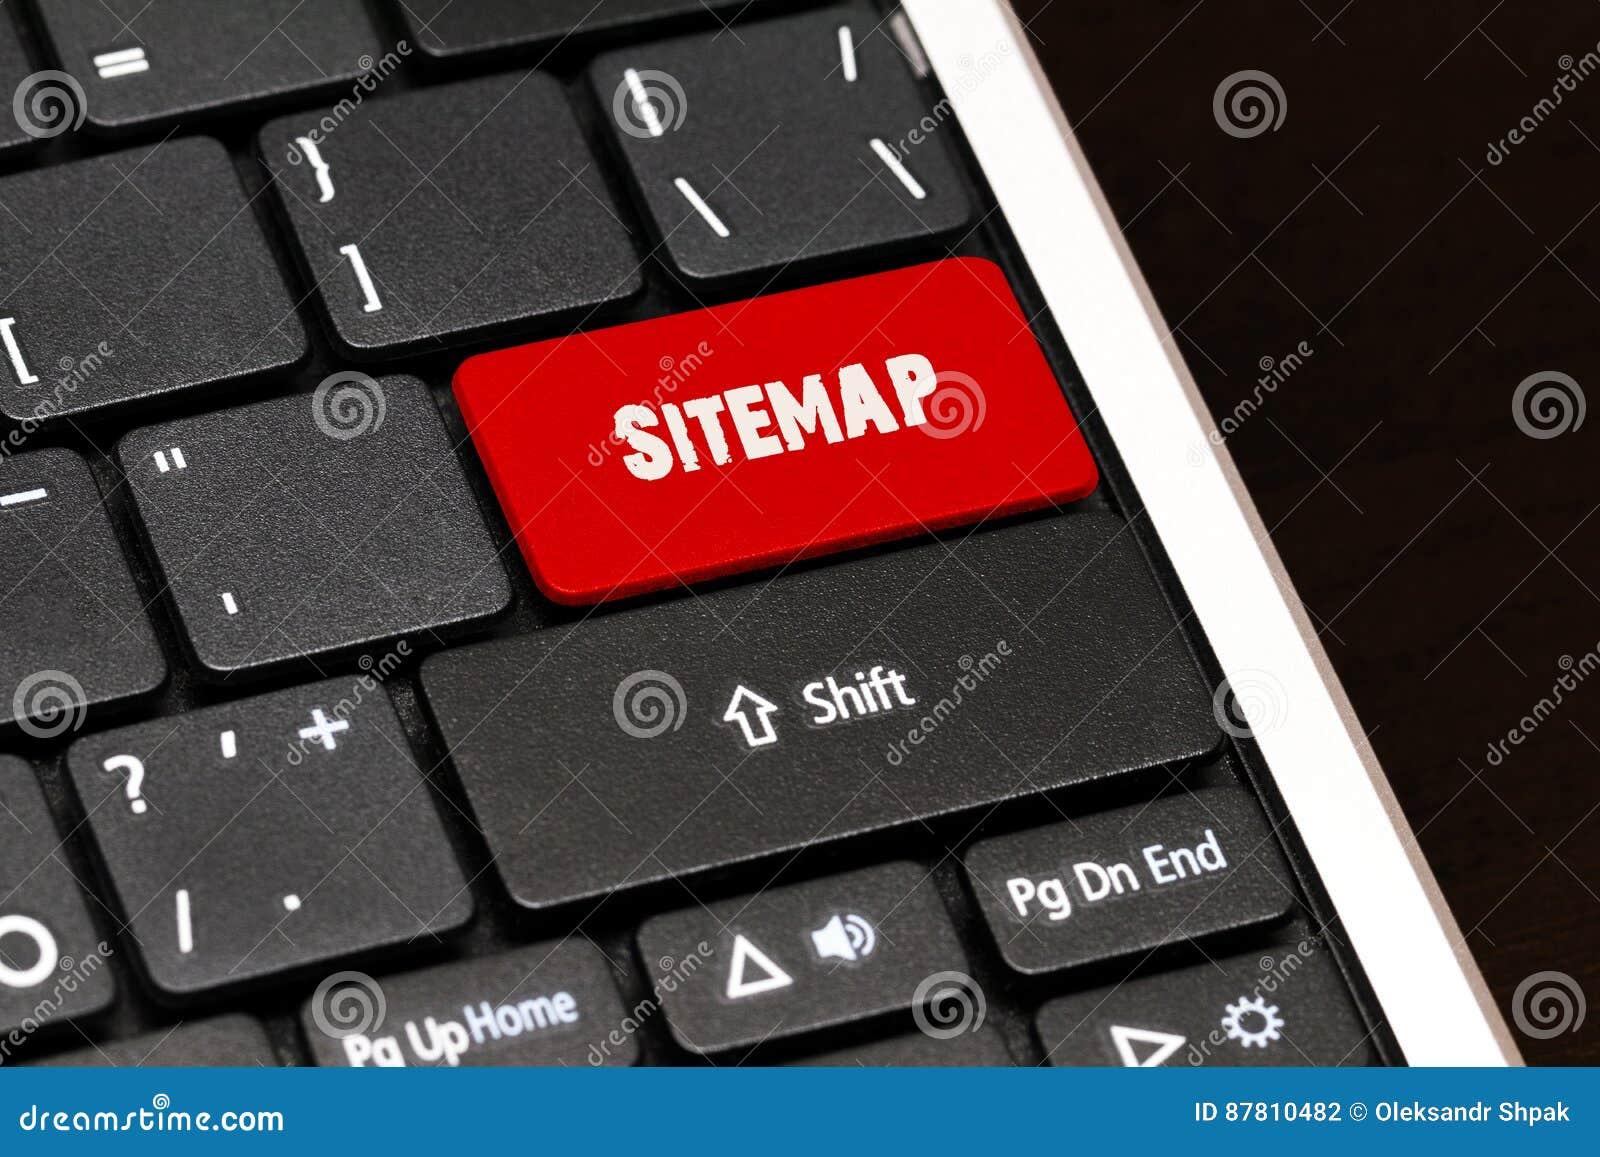 Το Sitemap στο κόκκινο εισάγει το κουμπί στο μαύρο πληκτρολόγιο